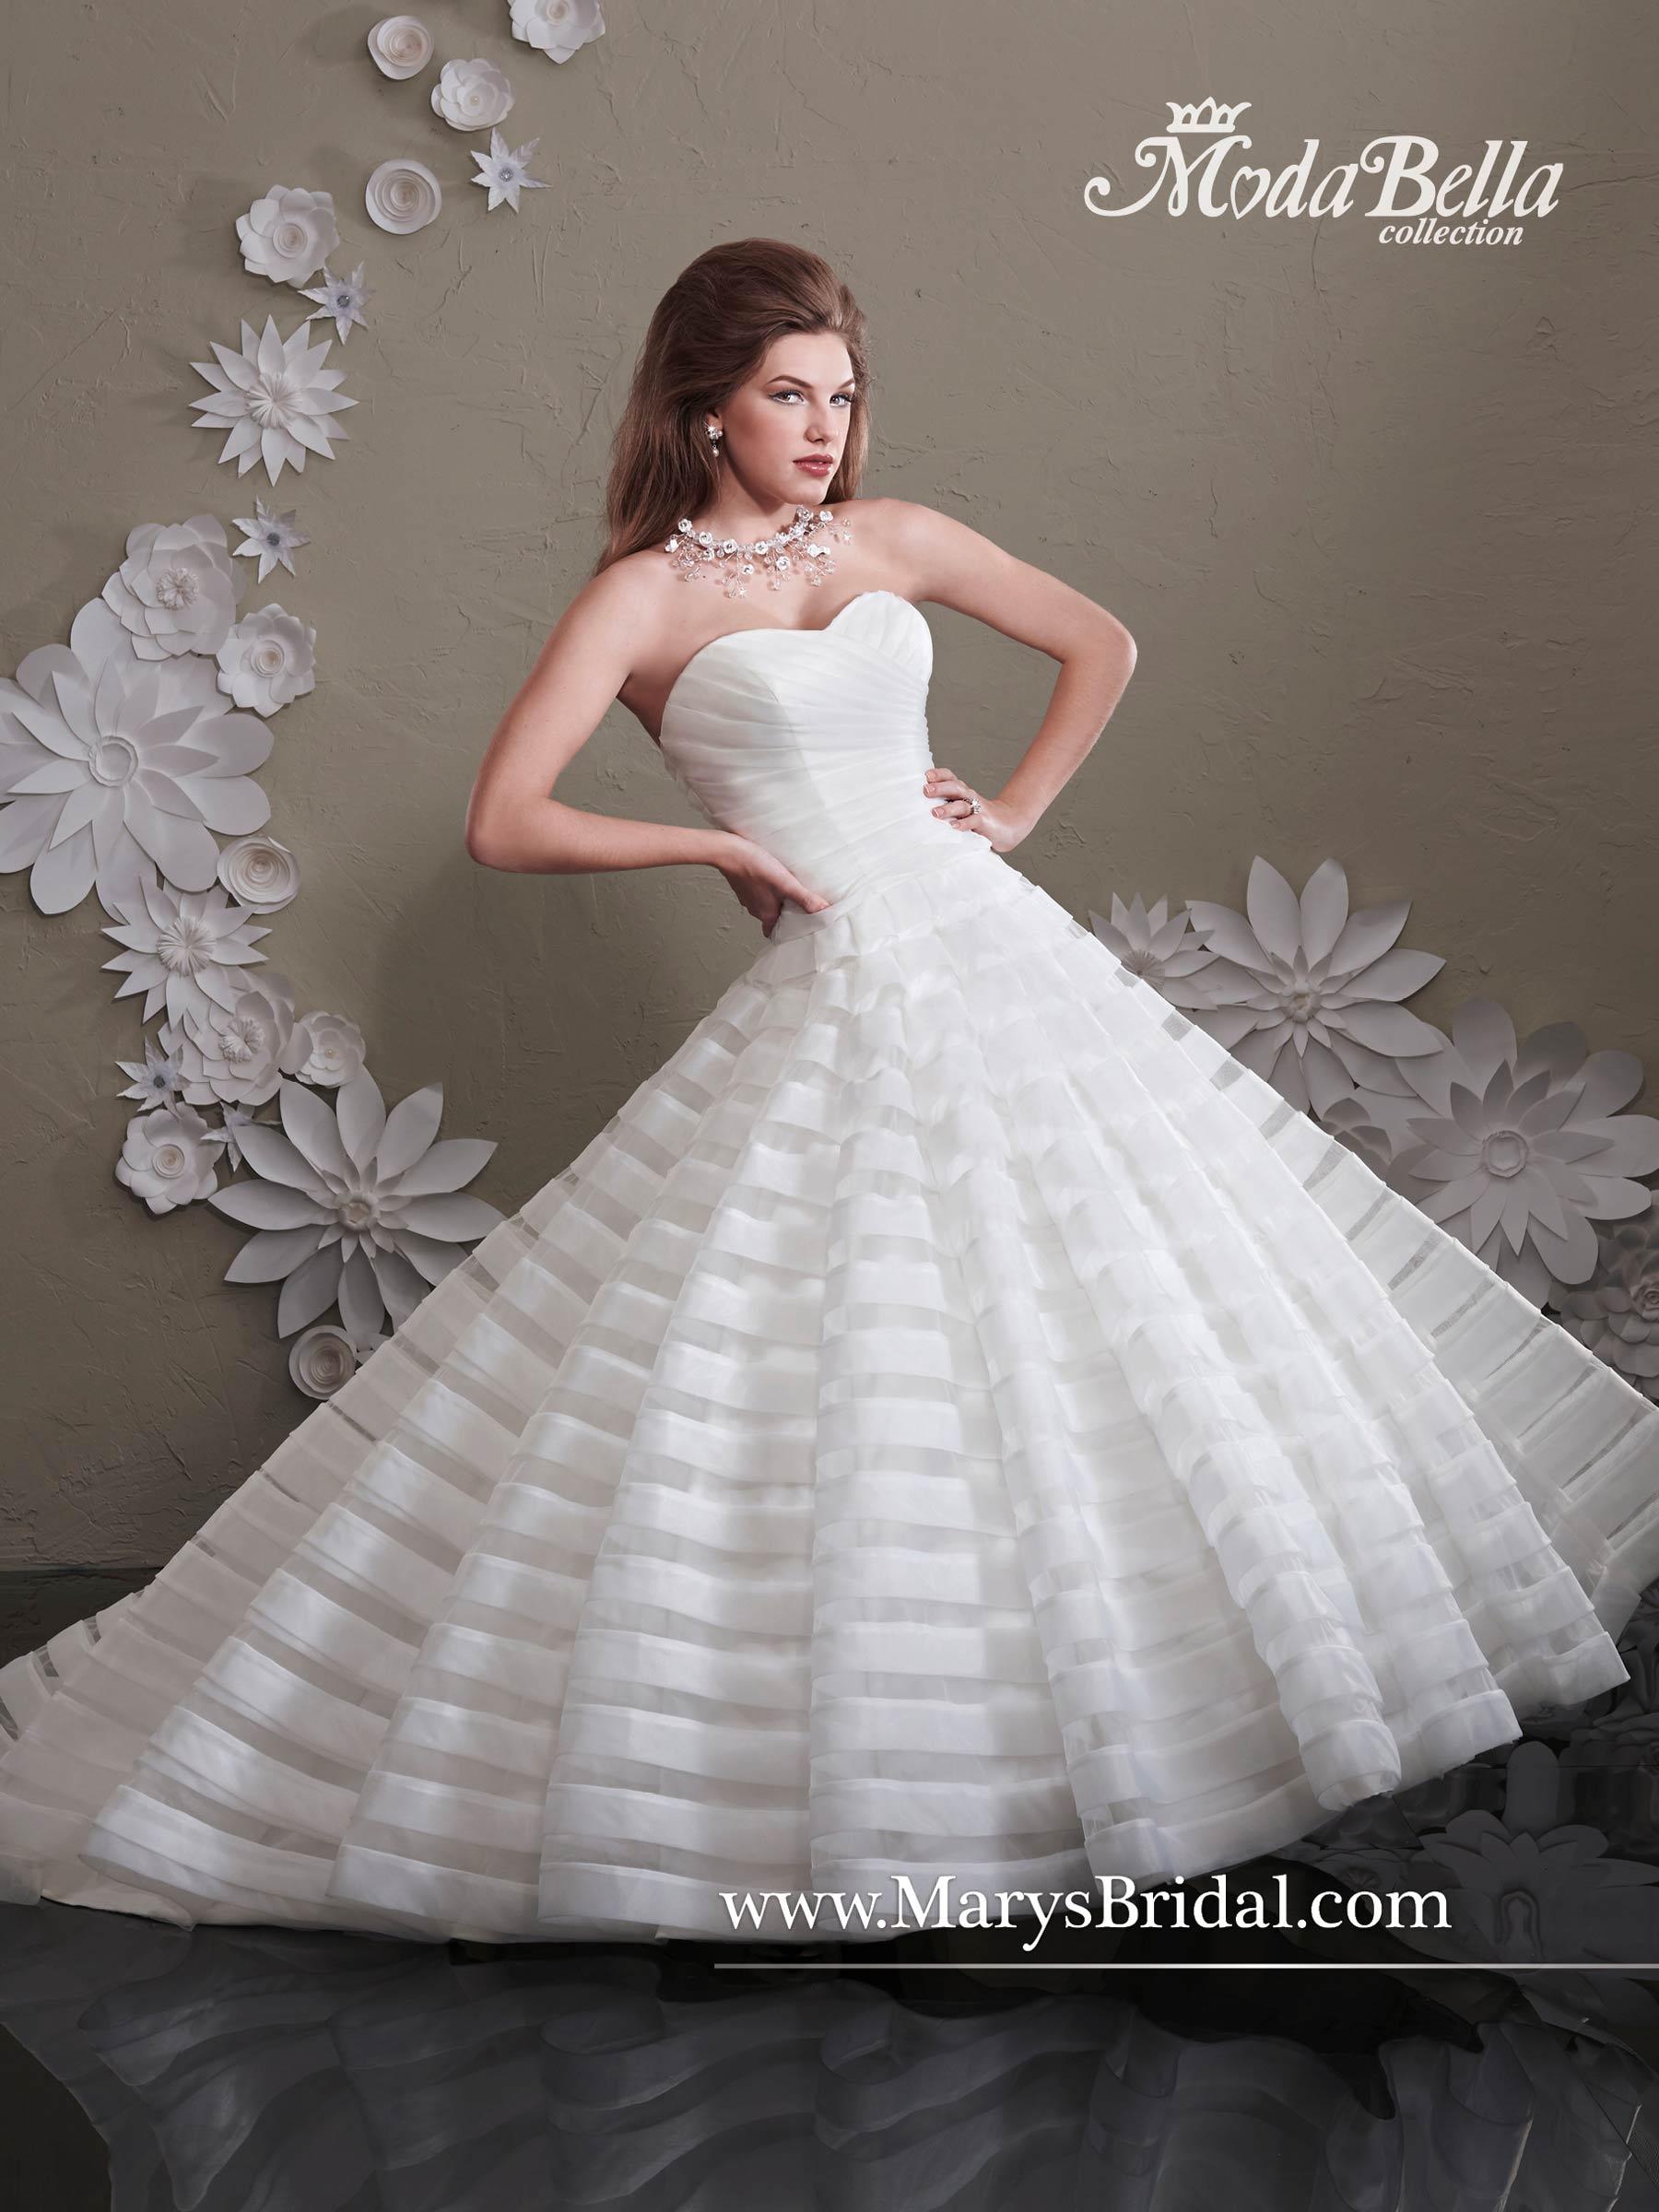 3Y392-marys bridal